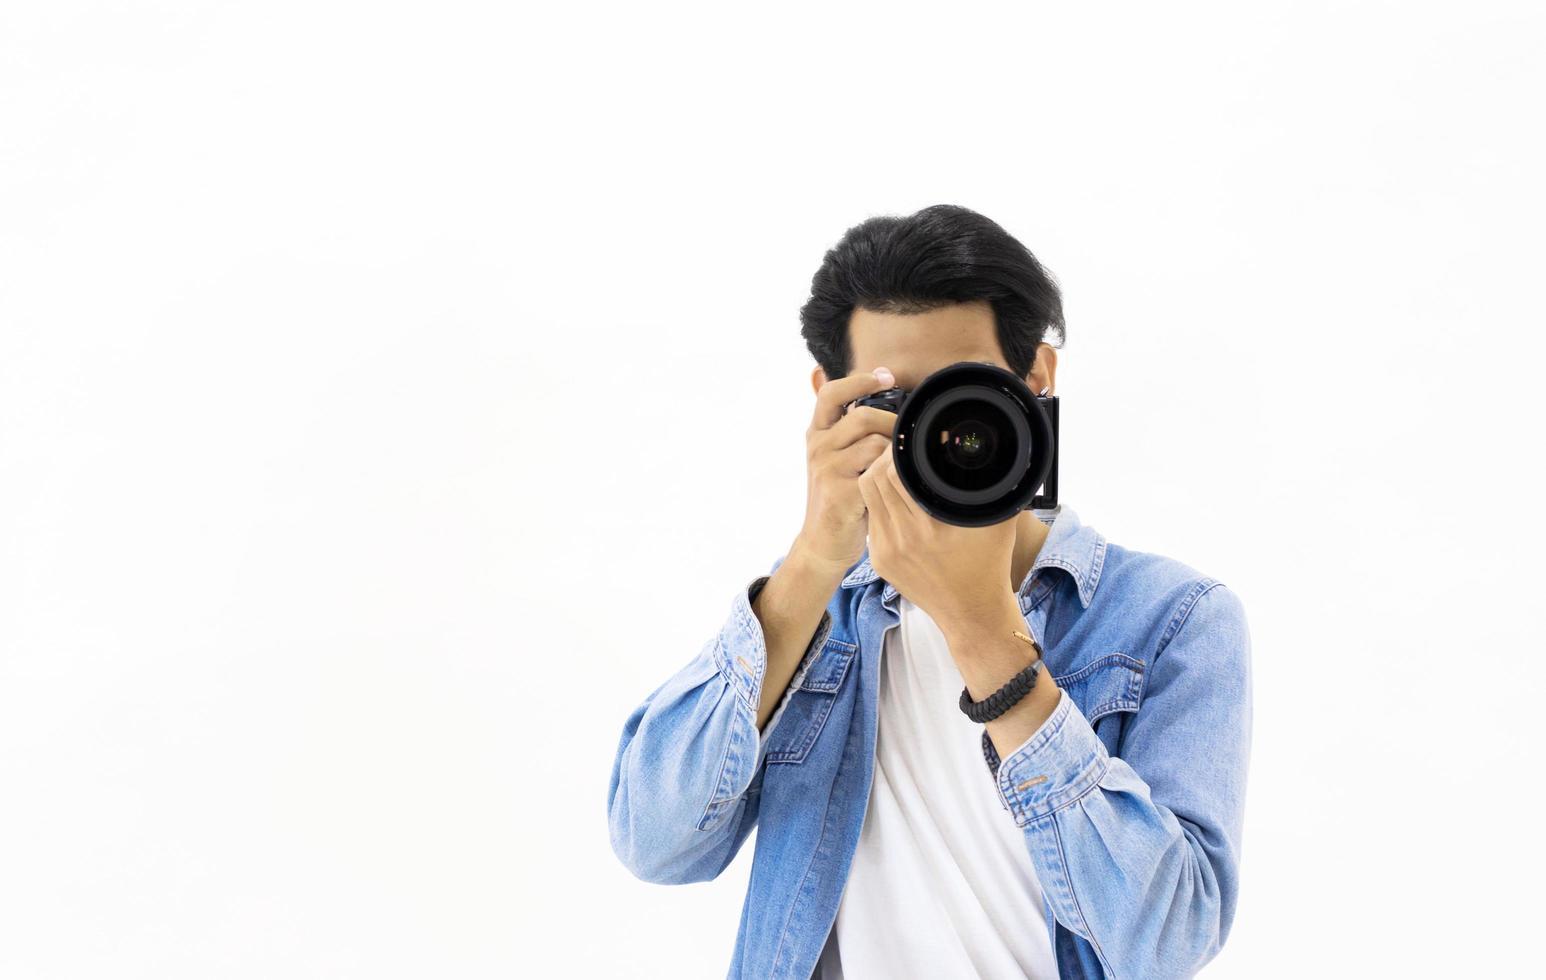 Fotógrafo masculino delante de un fondo blanco foto